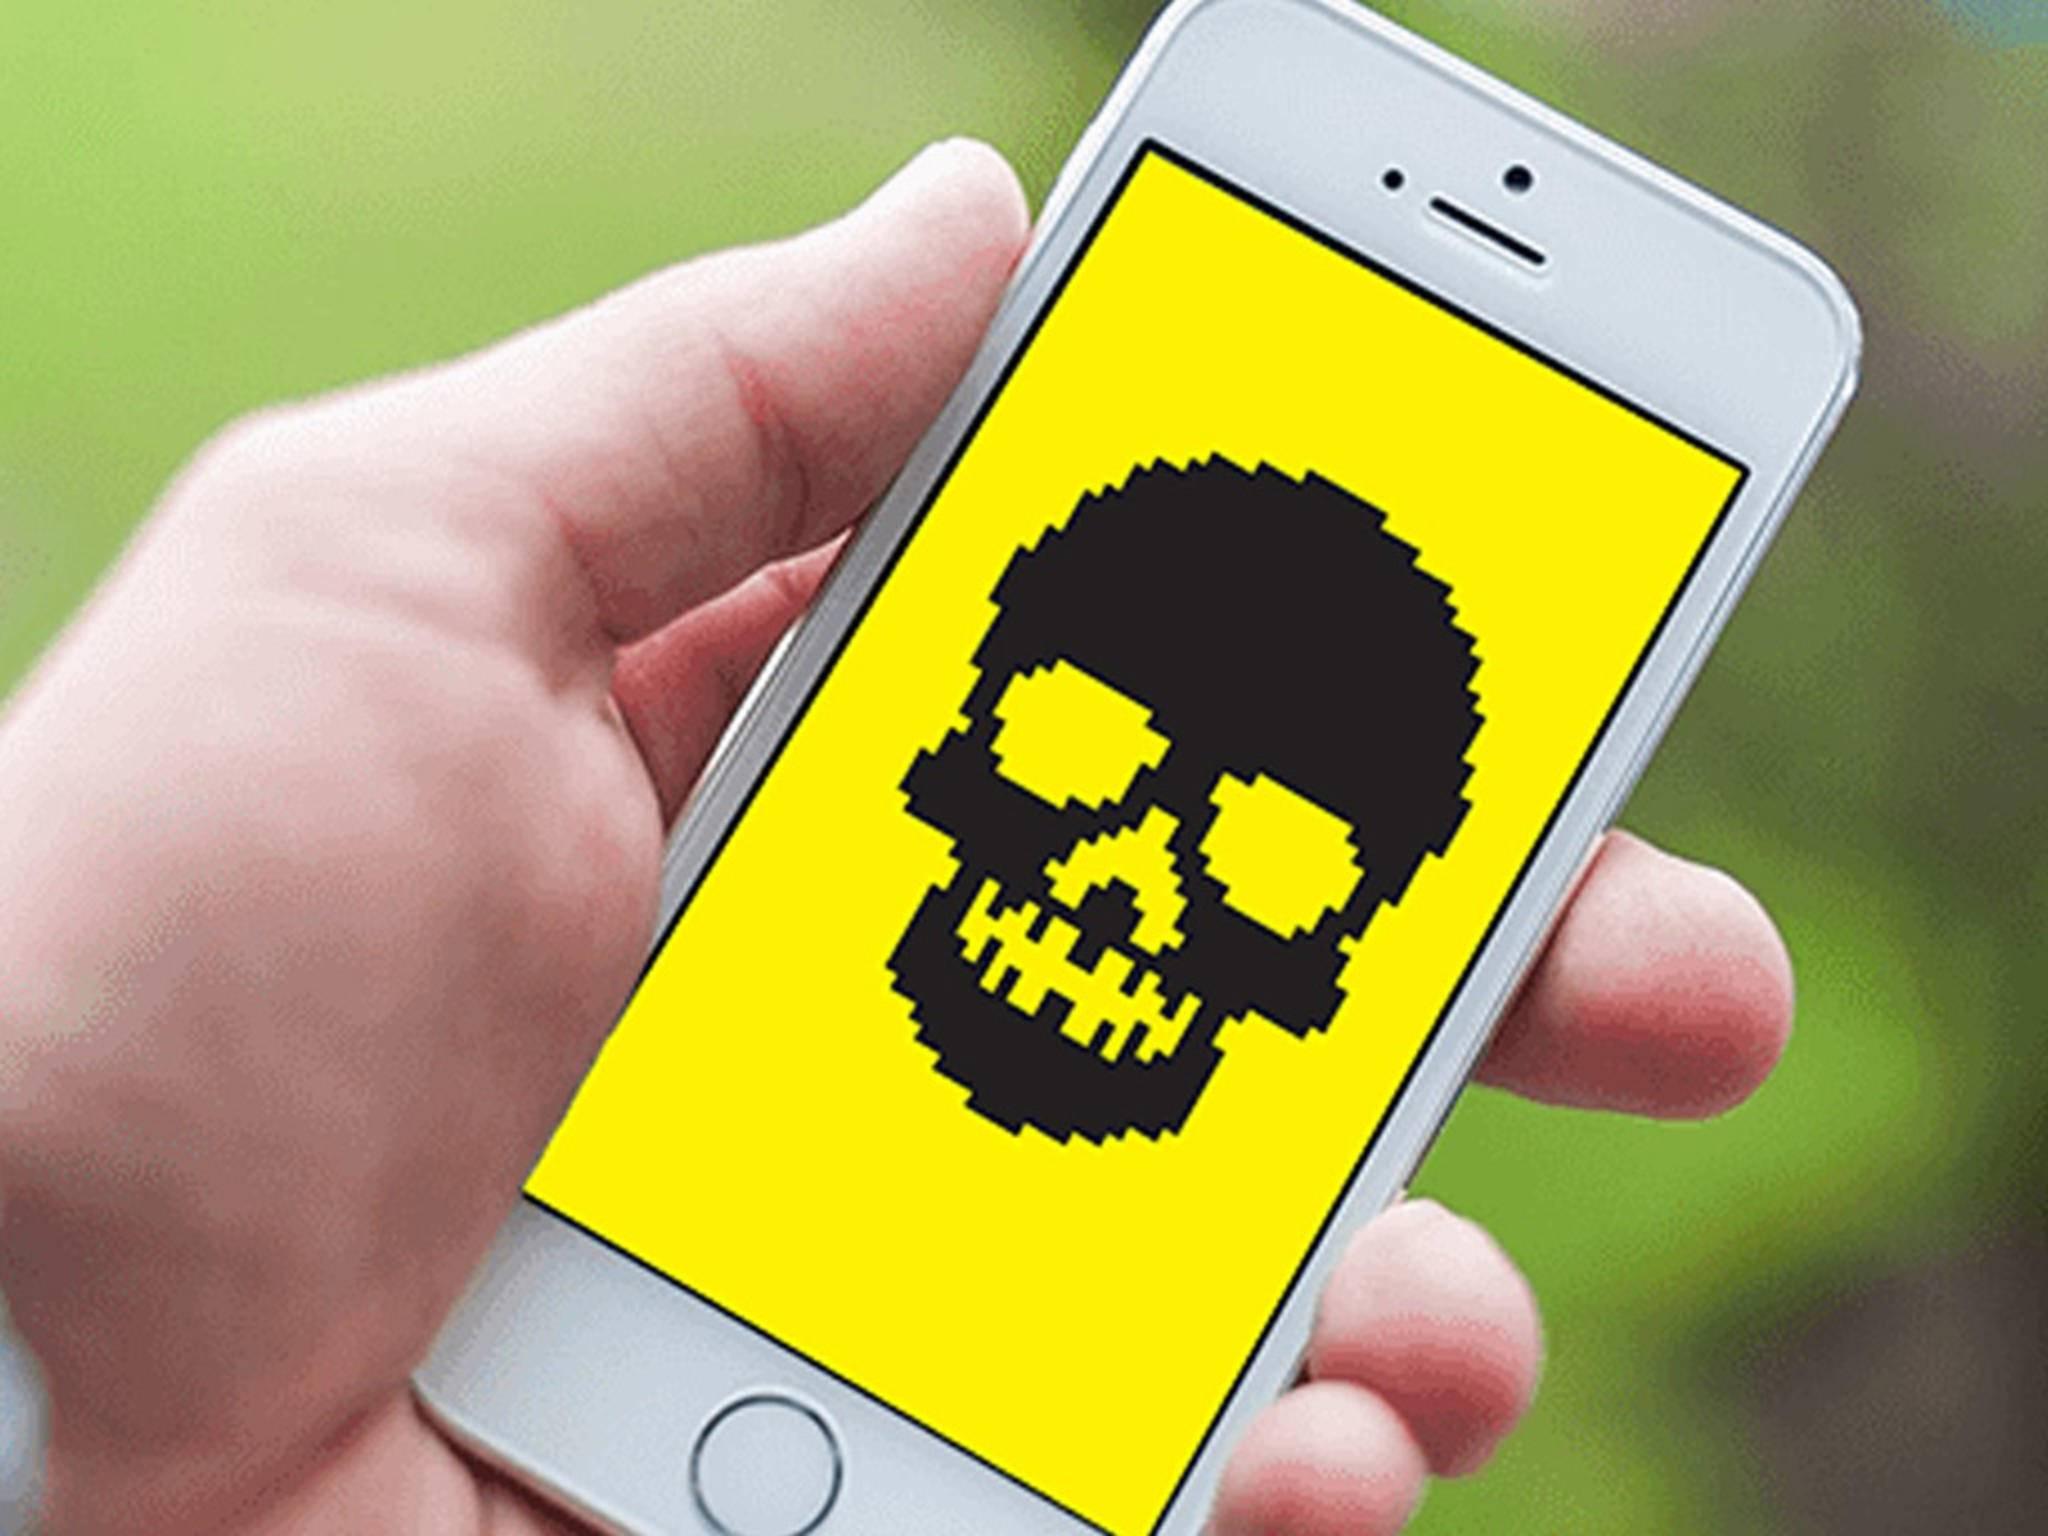 Malware-Gefahr besteht auch bei der Weiterleitung von Kettenbriefen.